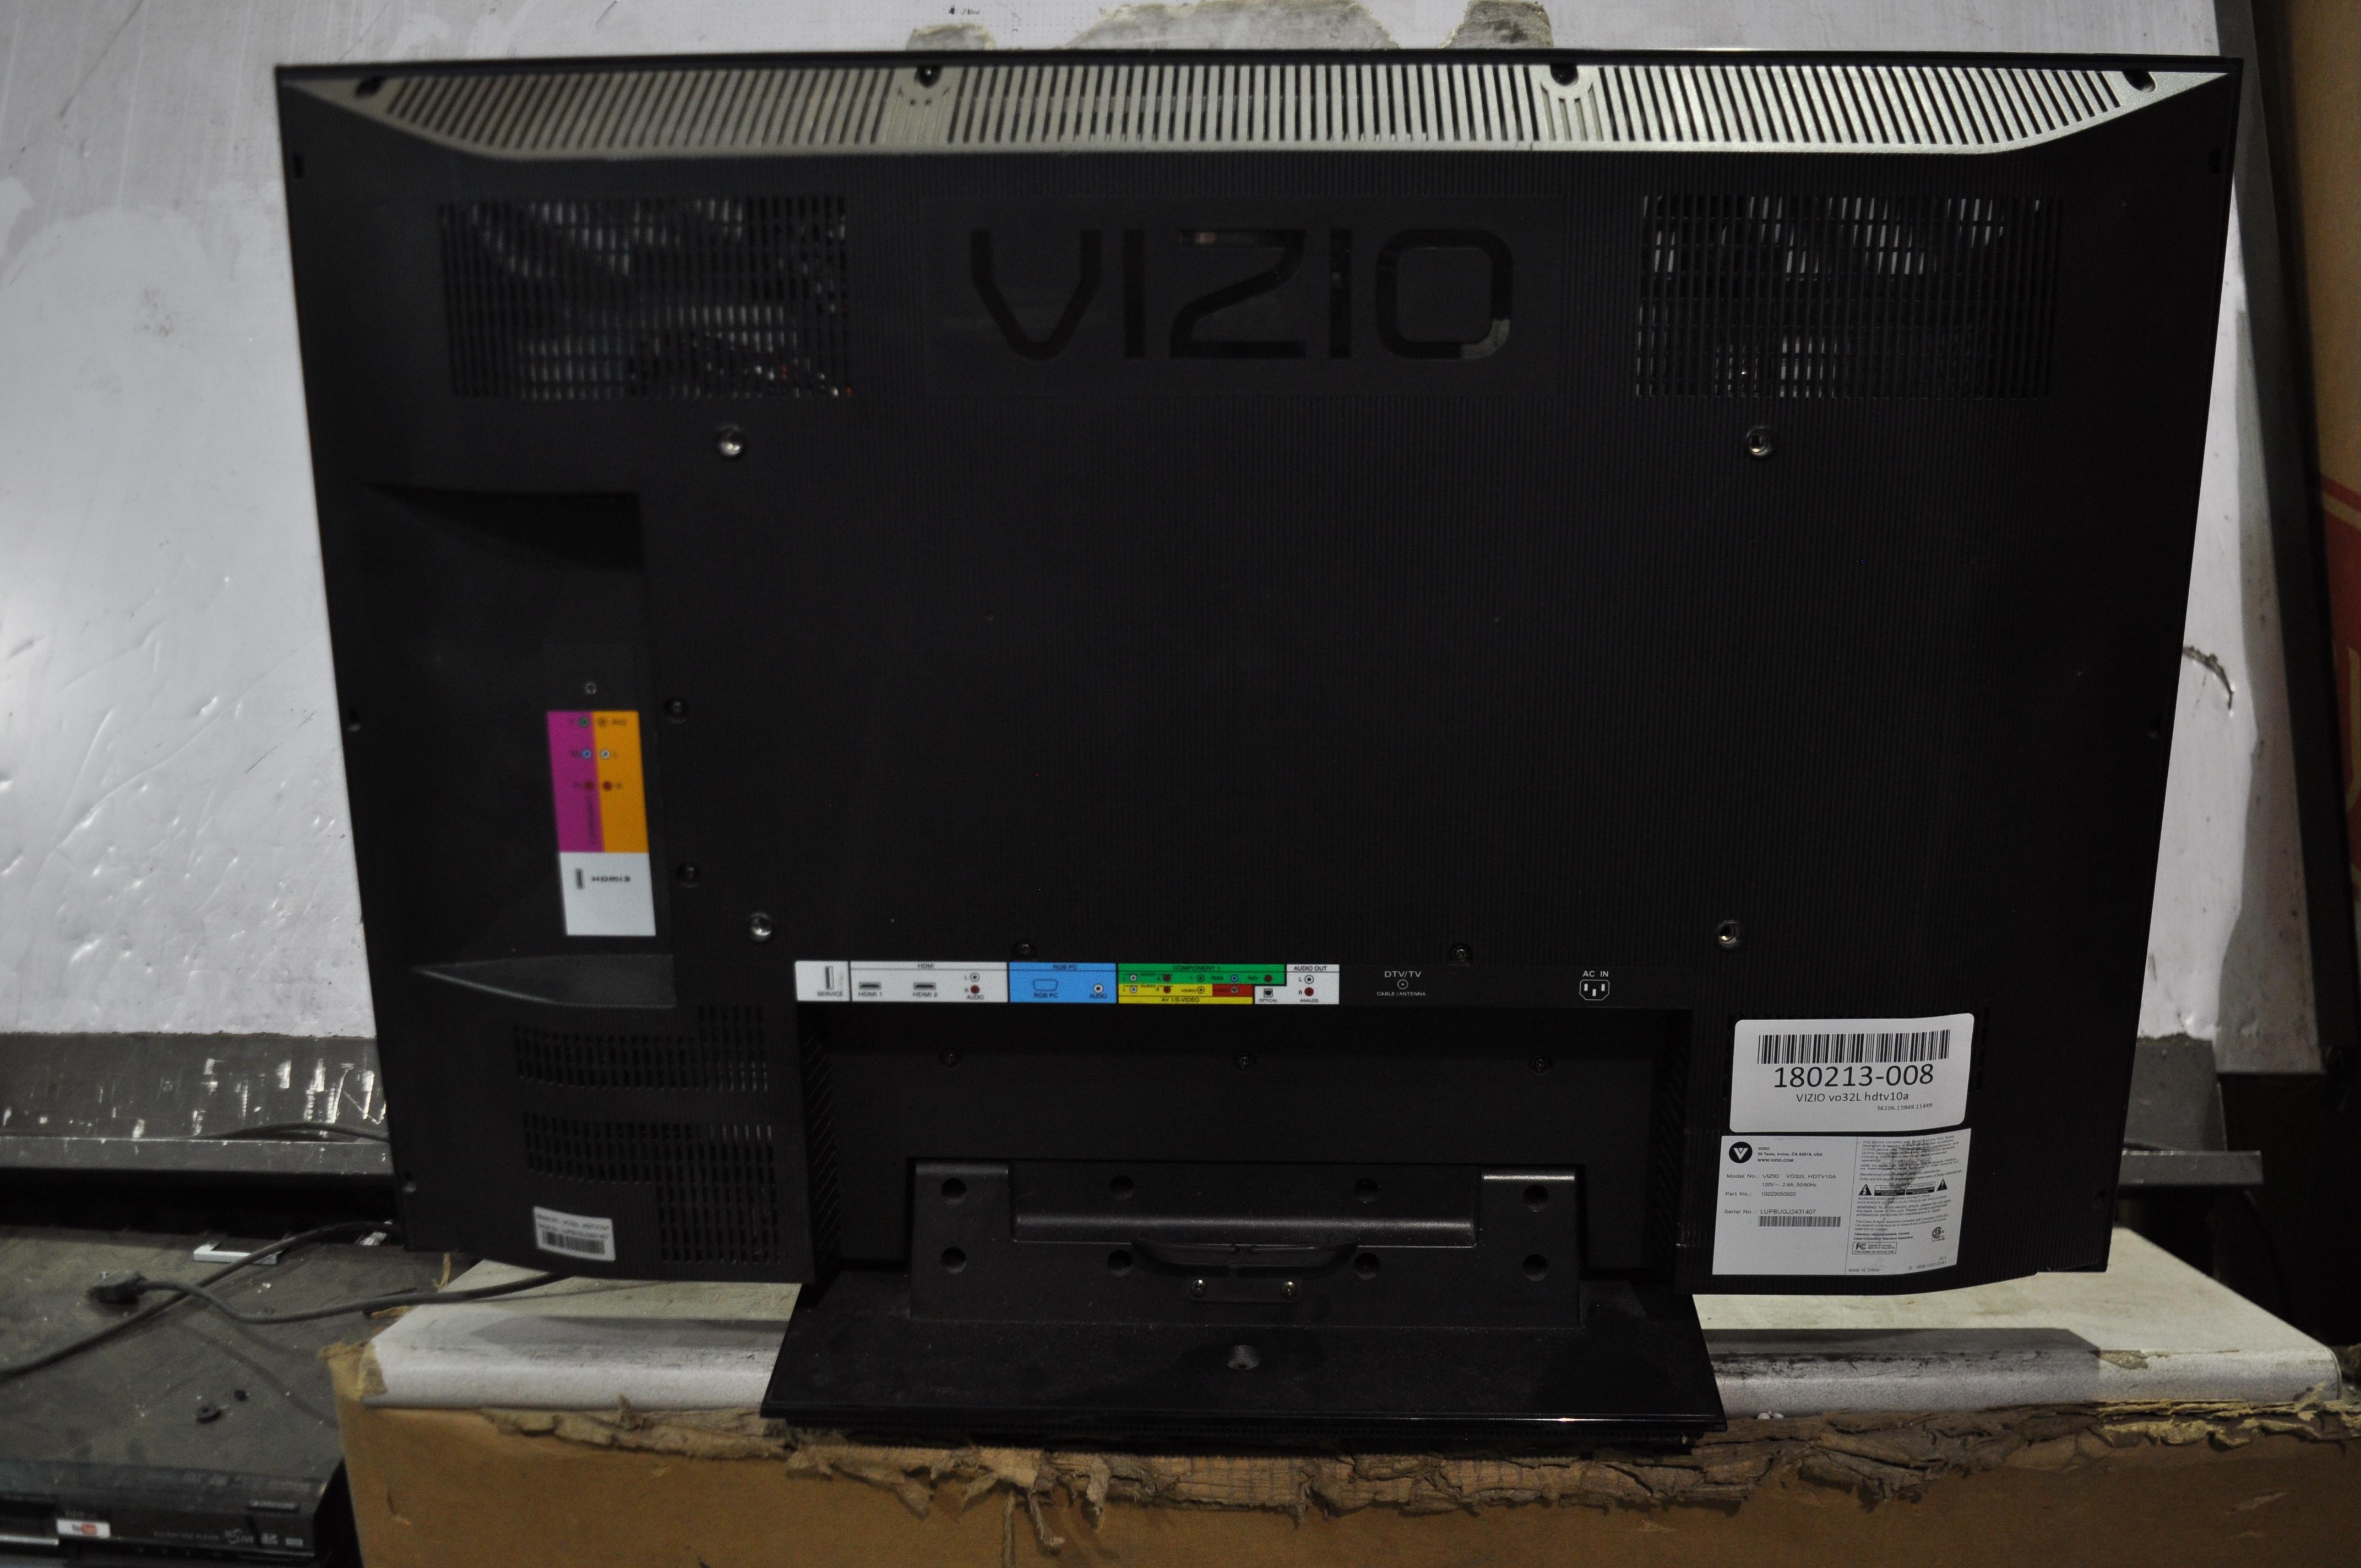 vizio vo32l hdtv10a tcon 6870c 0195a ebay rh ebay com Vizio TV Buttons Vizio TV Buttons